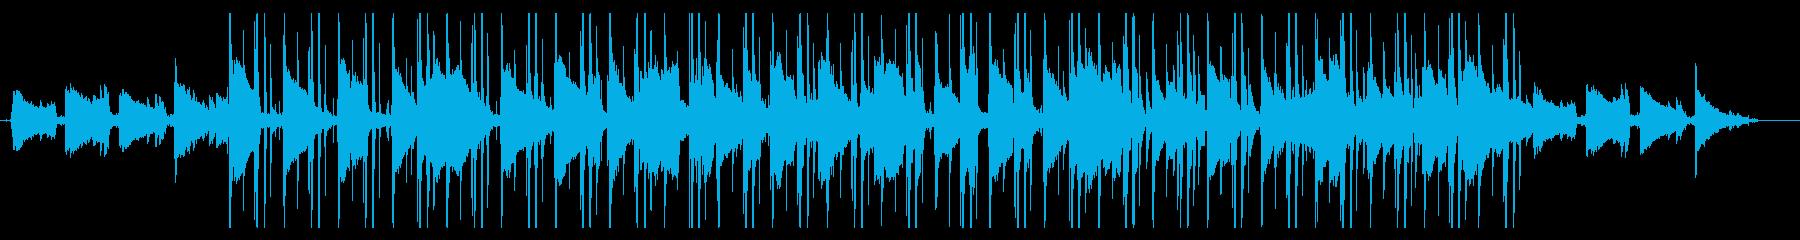 【生演奏】Lofi/Jazz/透明感の再生済みの波形